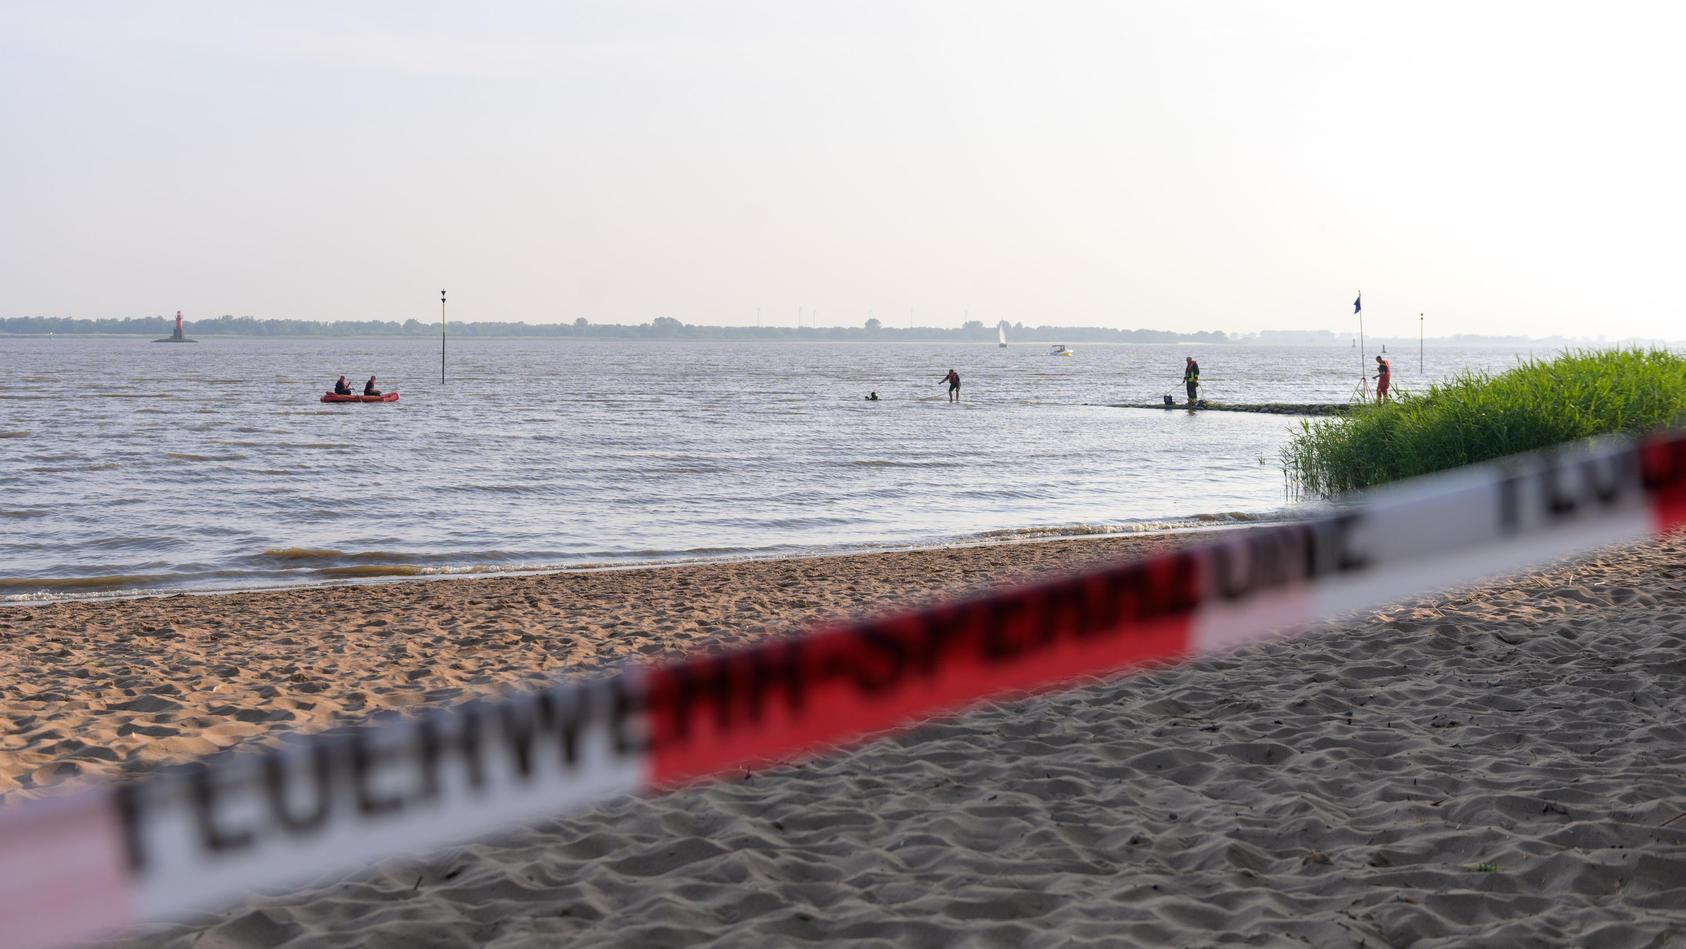 Suche nach Mädchen in Elbe bei Kollmar: Die Feuerwehr sperrte einen Bereich des Ufers ab.